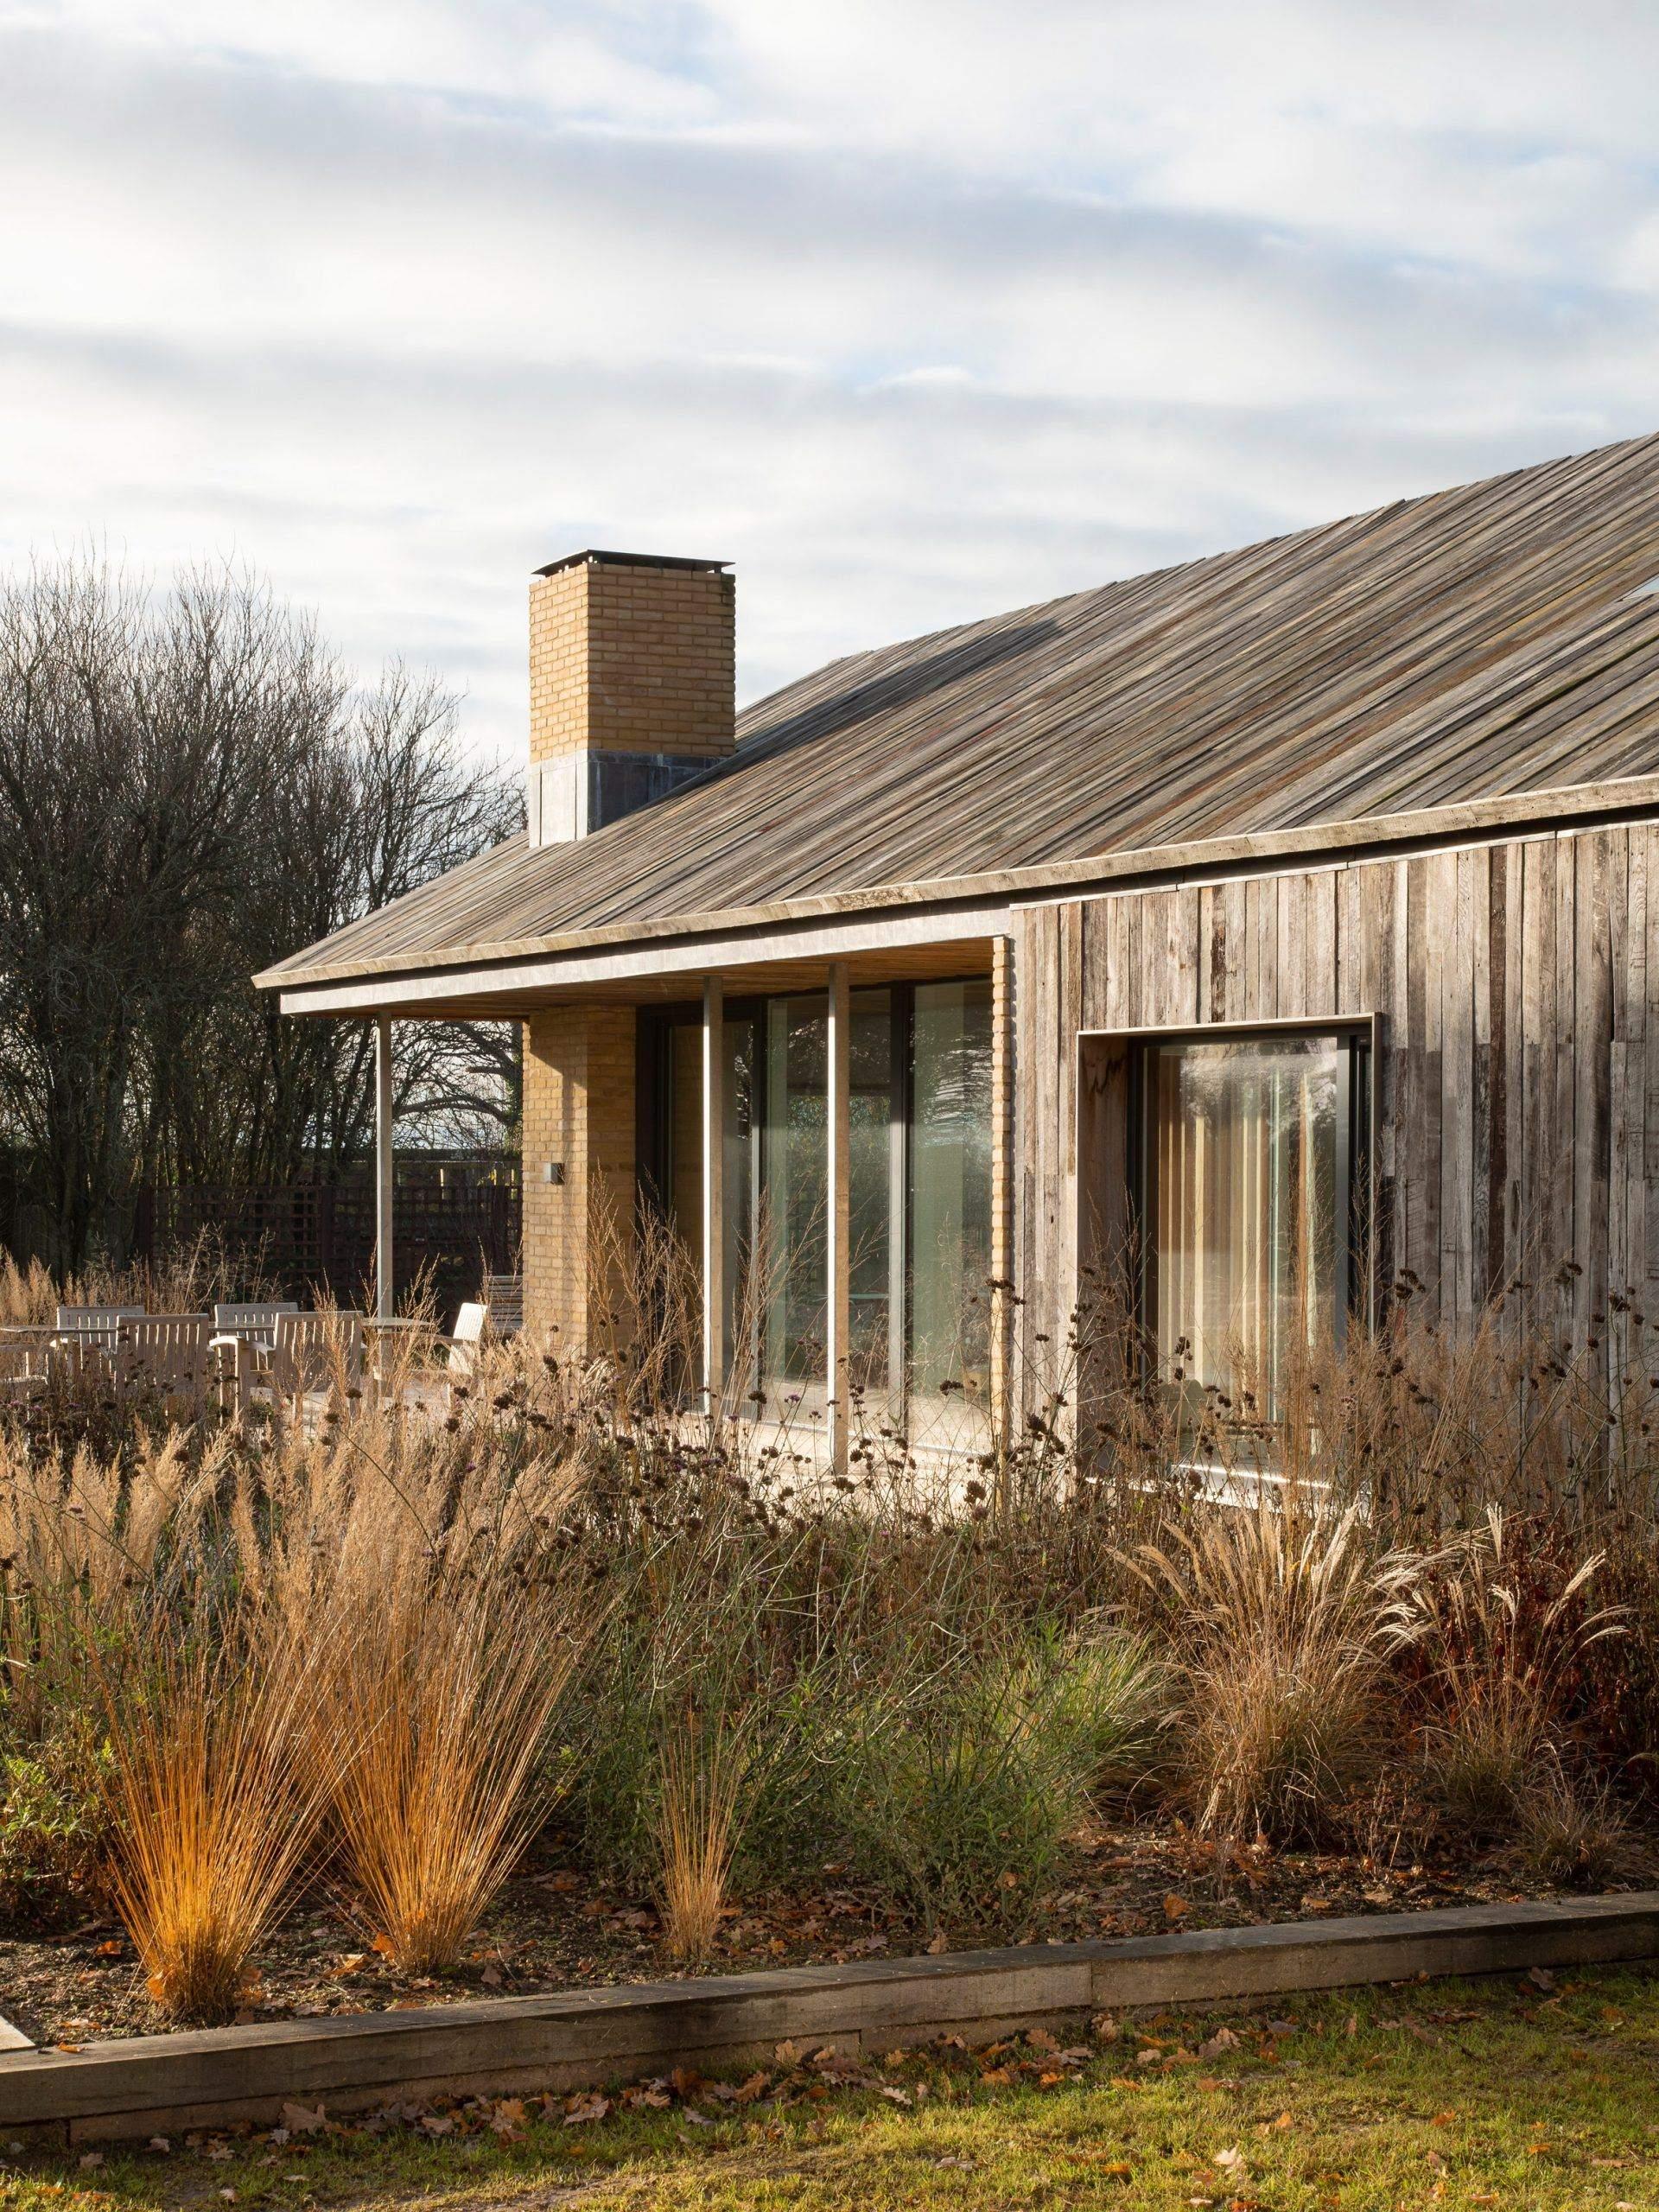 Назовні будинок виглядає стандартно / Фото Deezen